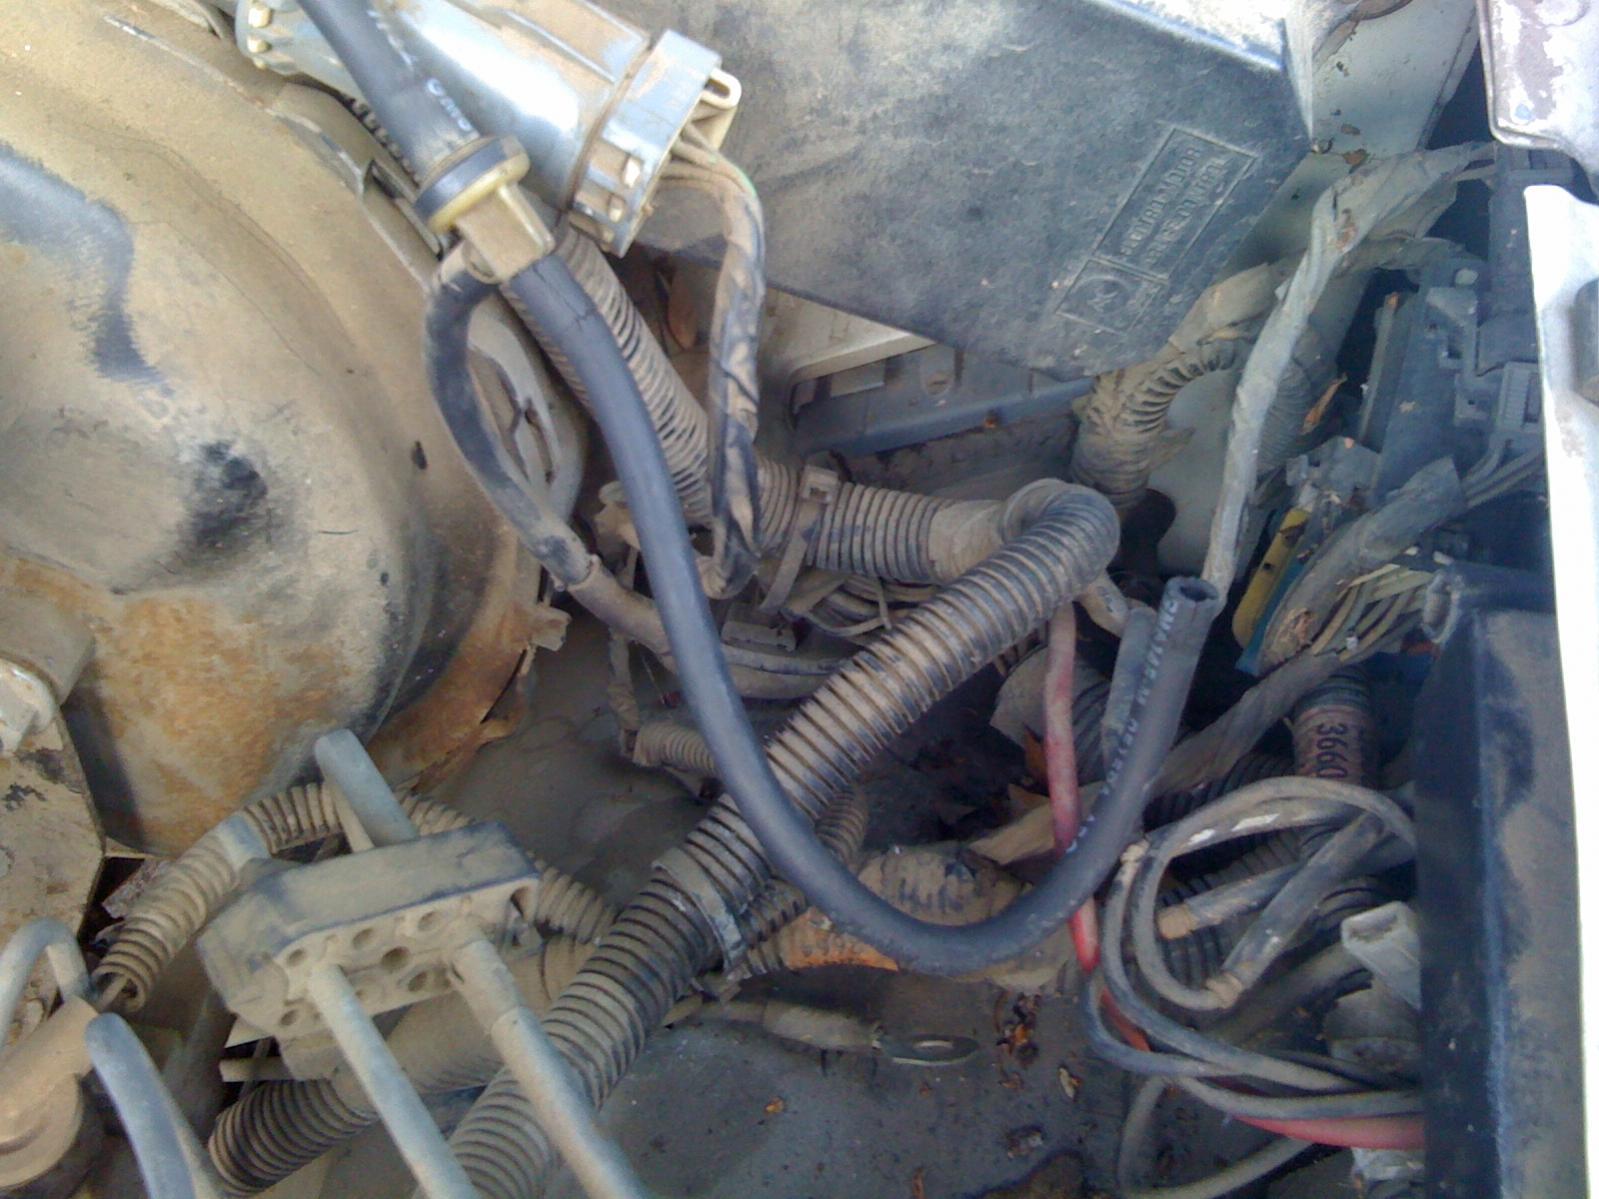 96 Chevy Blazer 4x4 Vacuum Diagram Reinvent Your Wiring Chevrolet S10 1984 Taho Vucuum Rh Homedecoration Nu 1999